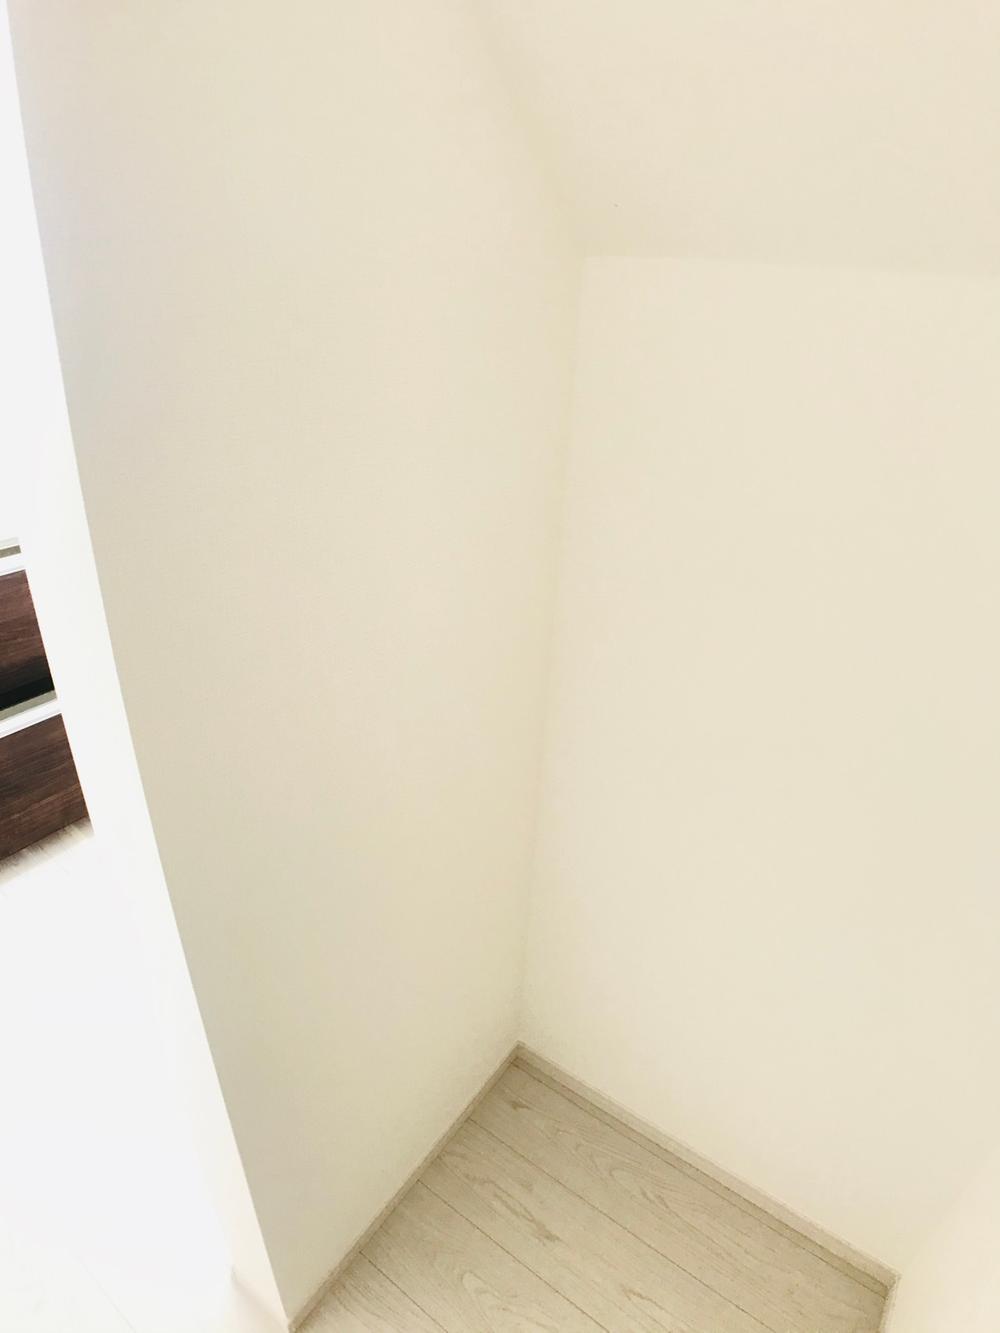 キッチン後方には「パントリー」をご用意しました♪食材の買い置き・キッチン家電の収納など、あると嬉しい便利な空間です。